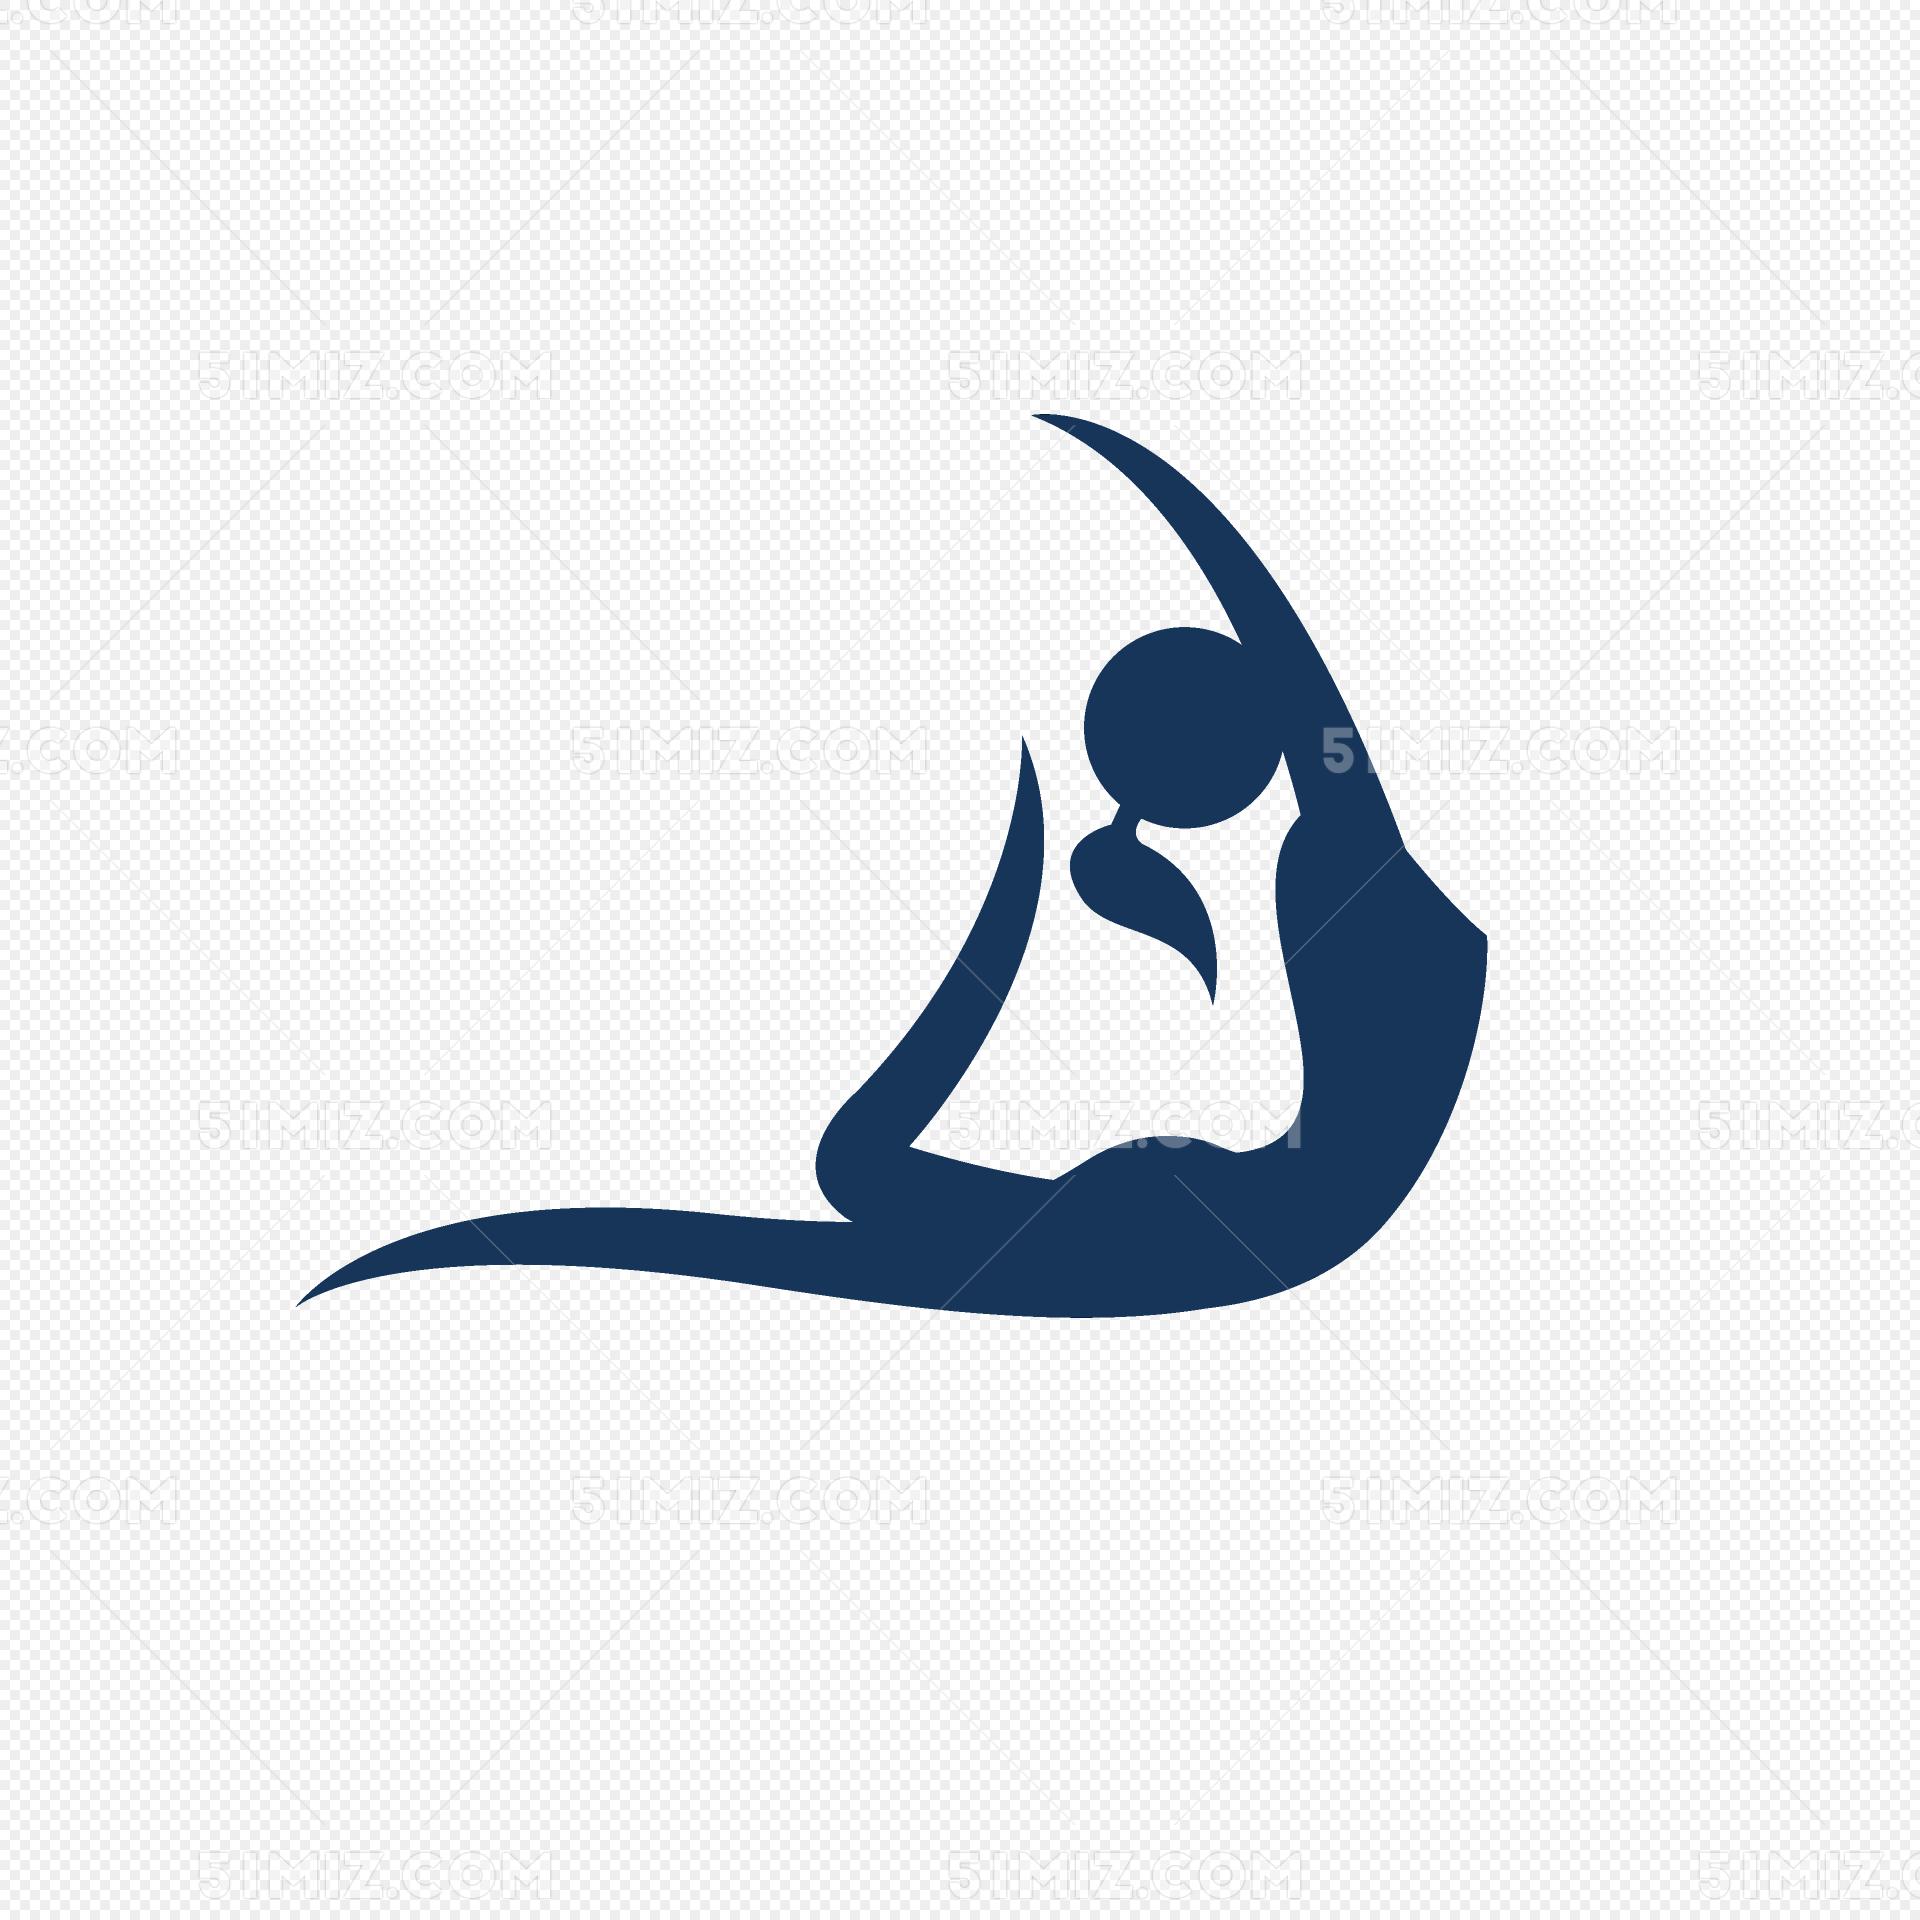 瑜伽運動設計圖標元素